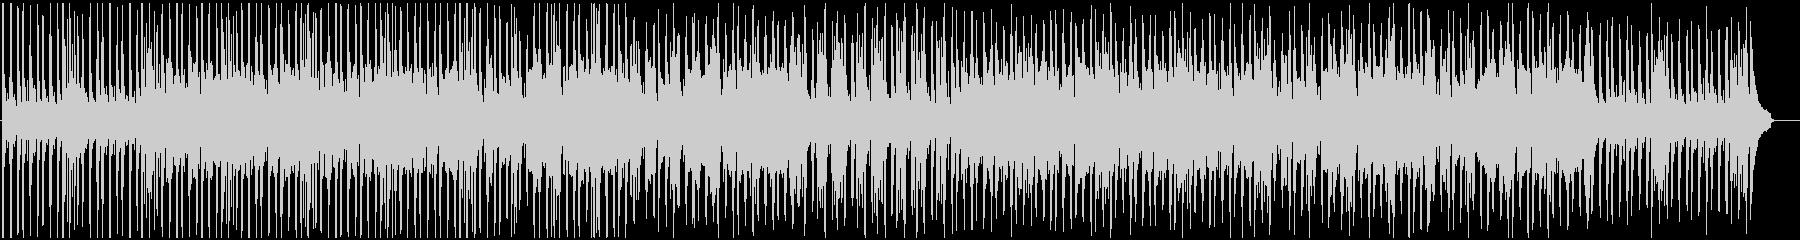 ほのぼの日常BGM バイオリン有りの未再生の波形